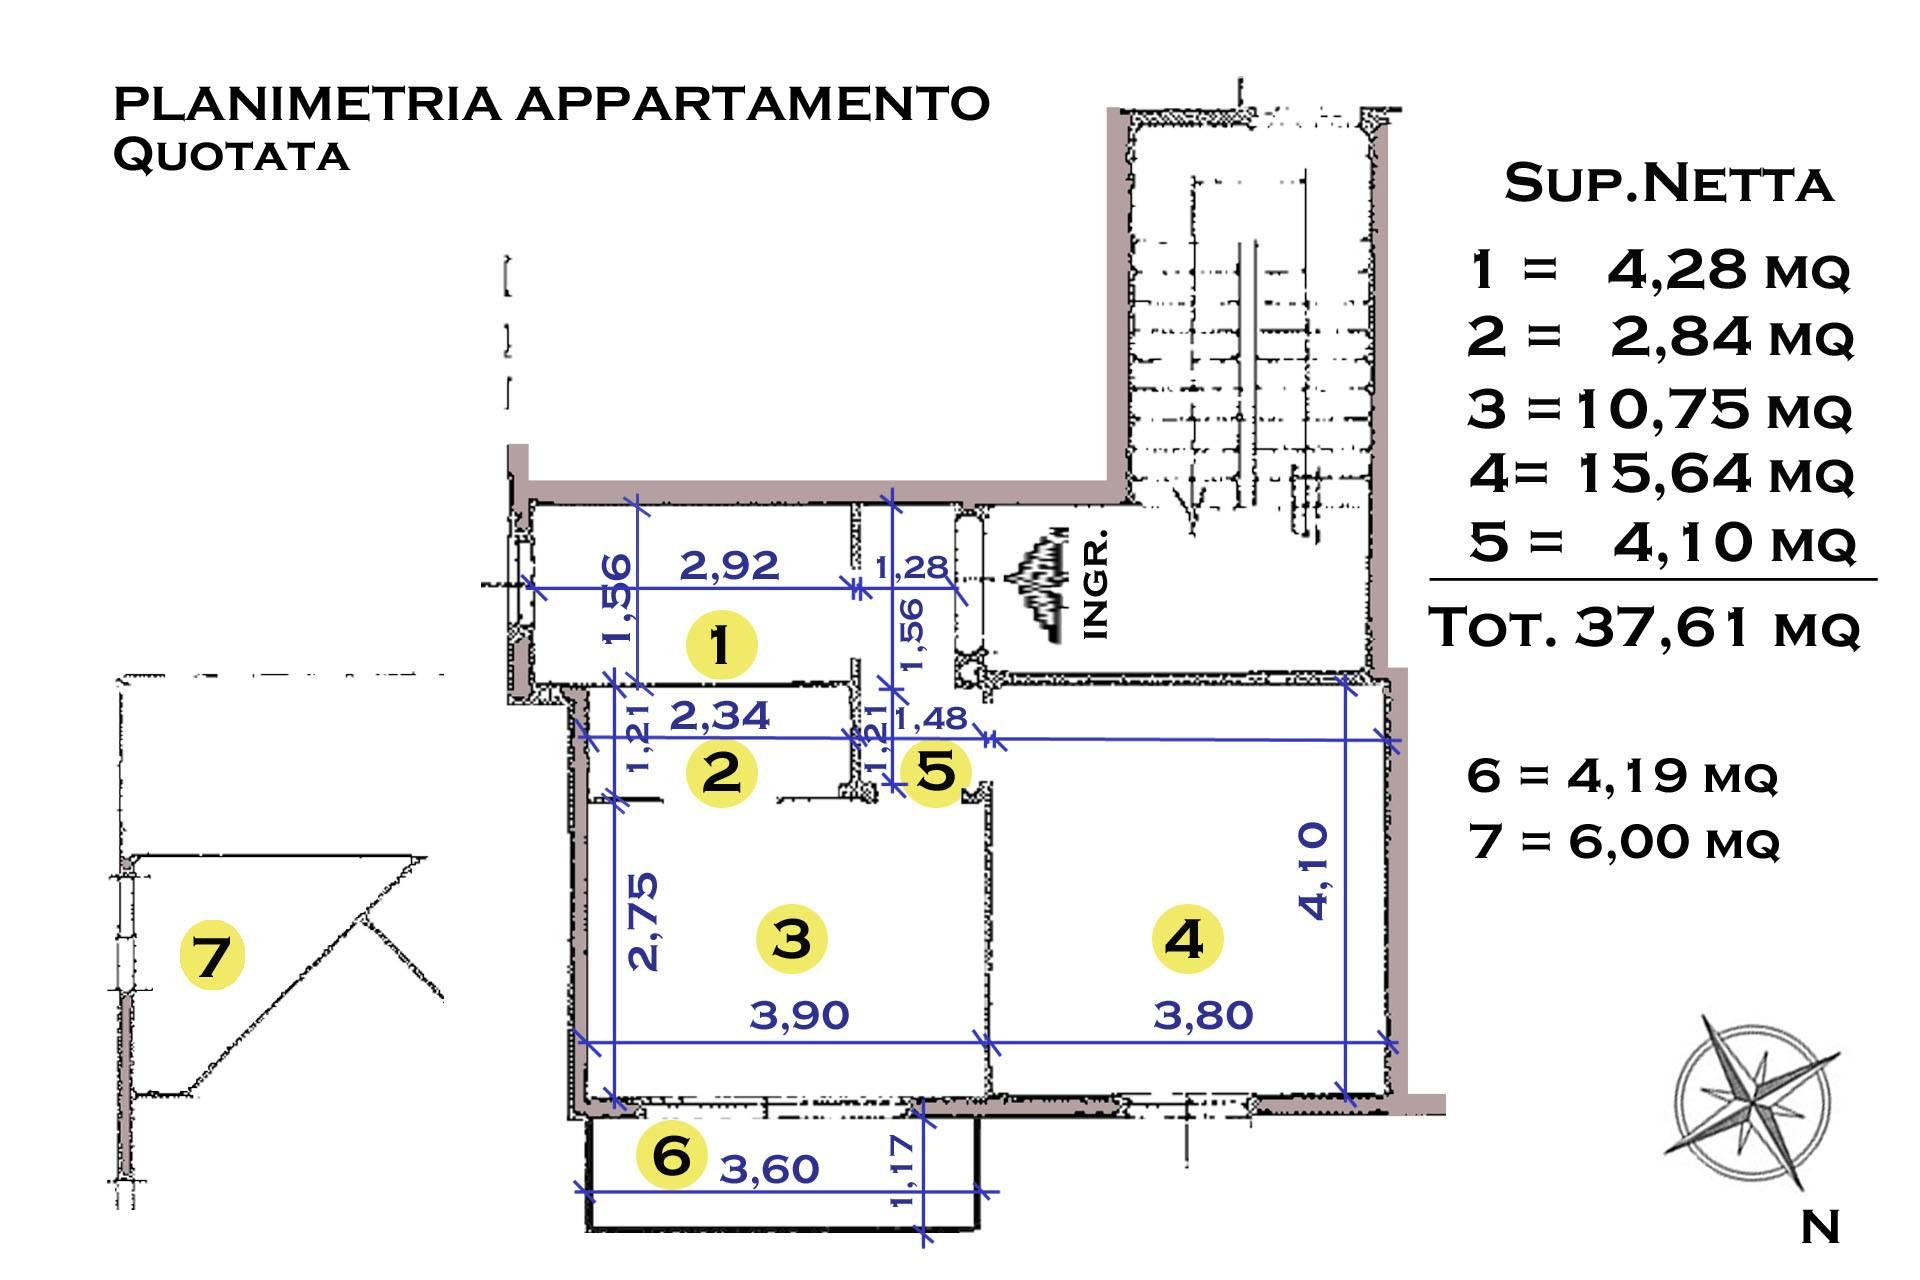 R/46-planimetria  quotata